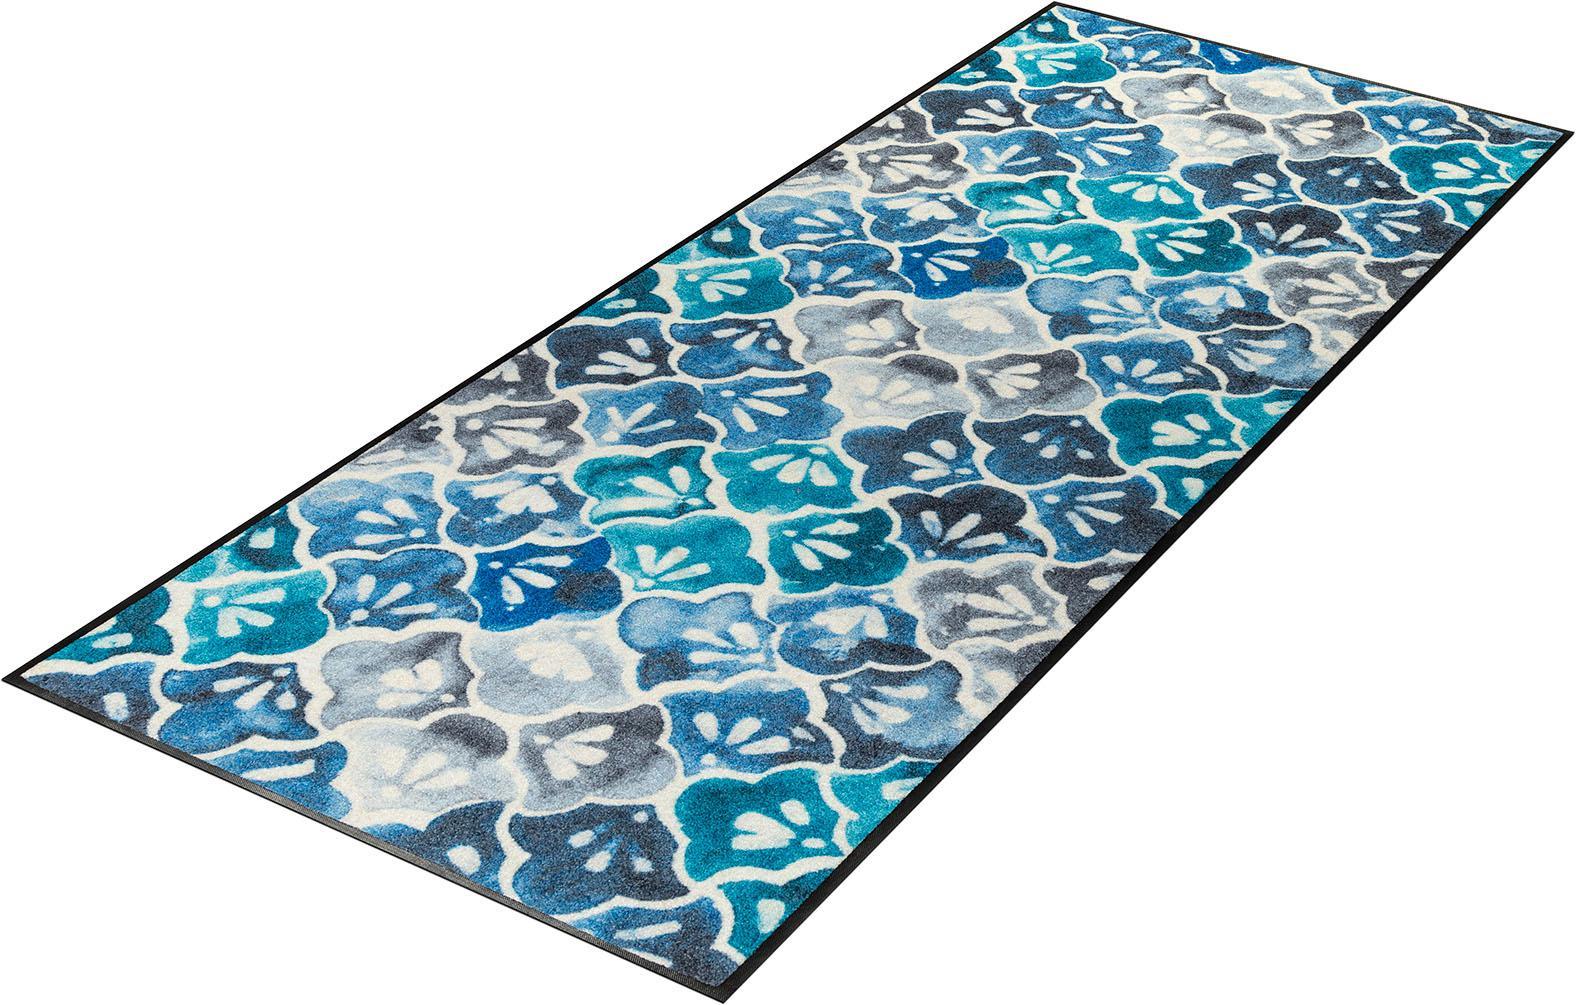 Läufer Ground wash+dry by Kleen-Tex rechteckig Höhe 7 mm gedruckt